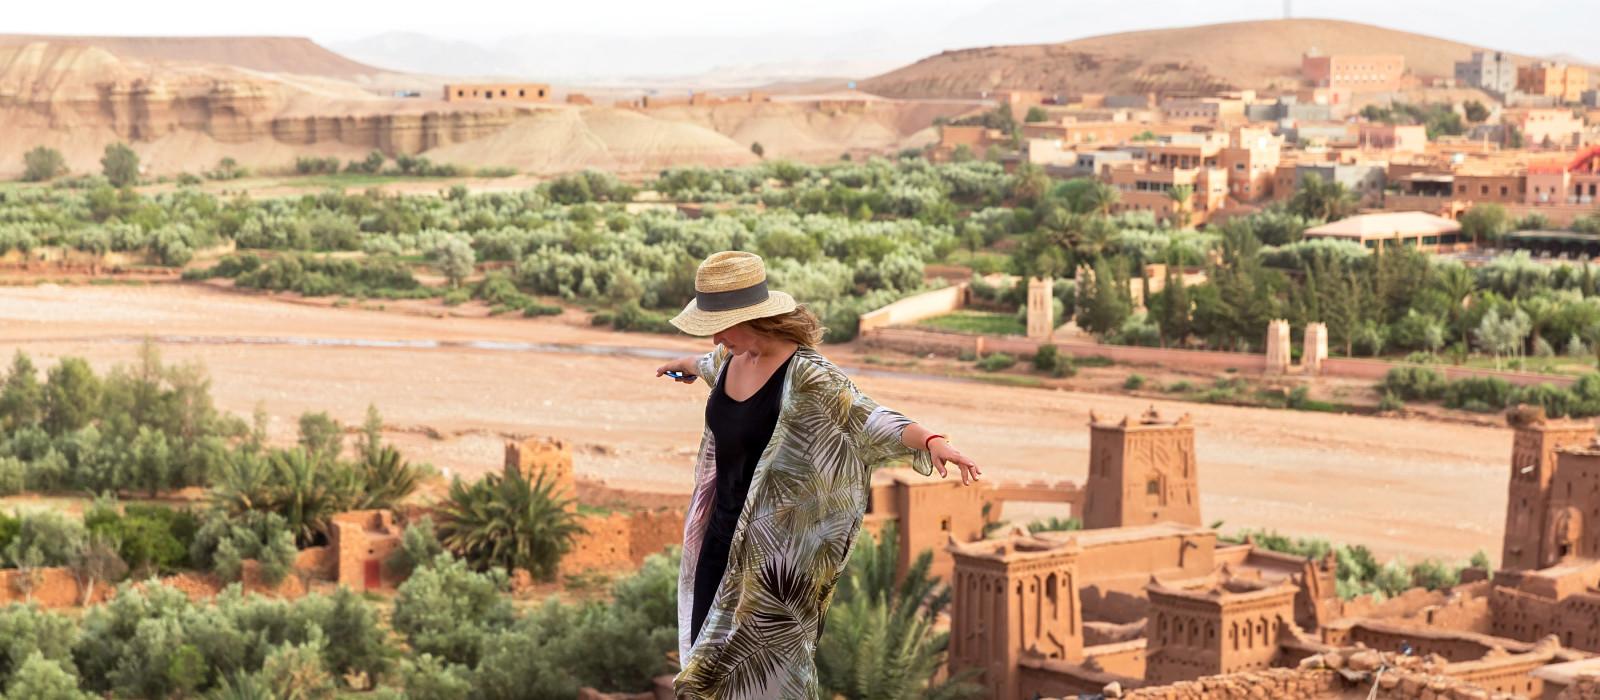 Eine  Reisende mit Hut, steht auf einer hohen Mauer mit ausgestreckten Armen, im Hintergrund der Stadt in der Wüste von Ait BenHaddou, Marokko, Afrika